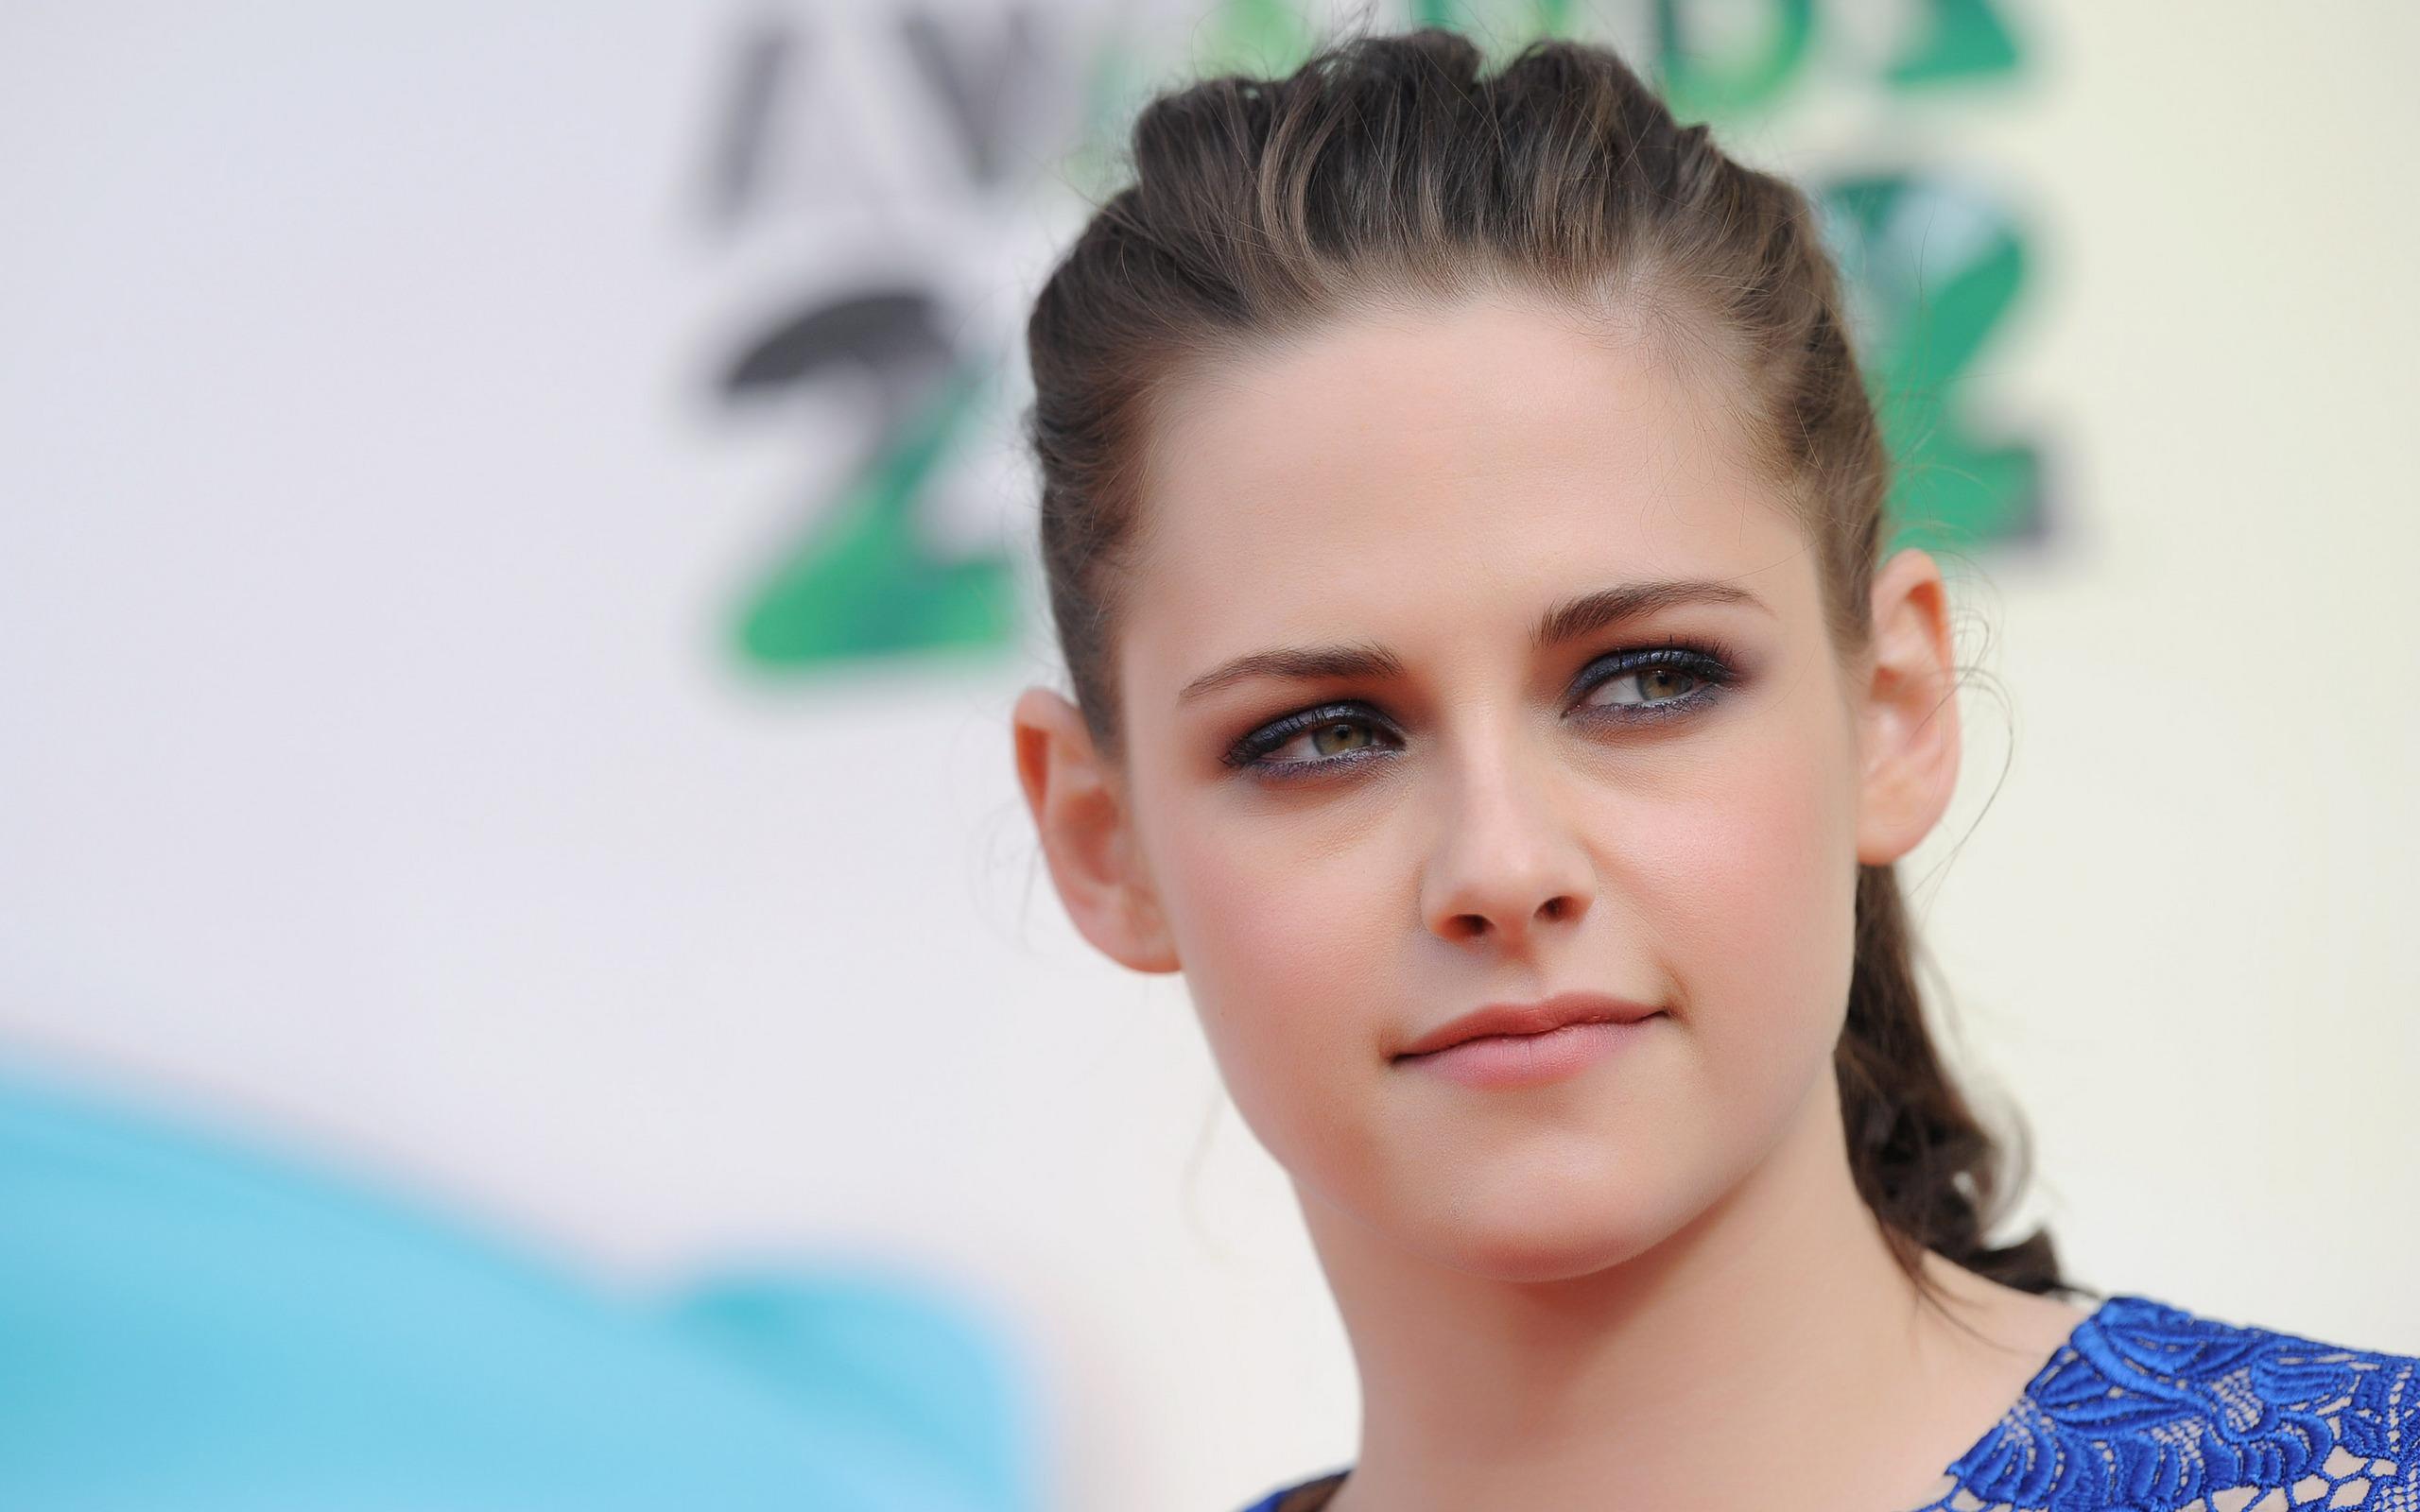 Kristen Stewart Beauty Actress HD wallpaper 2560x1600